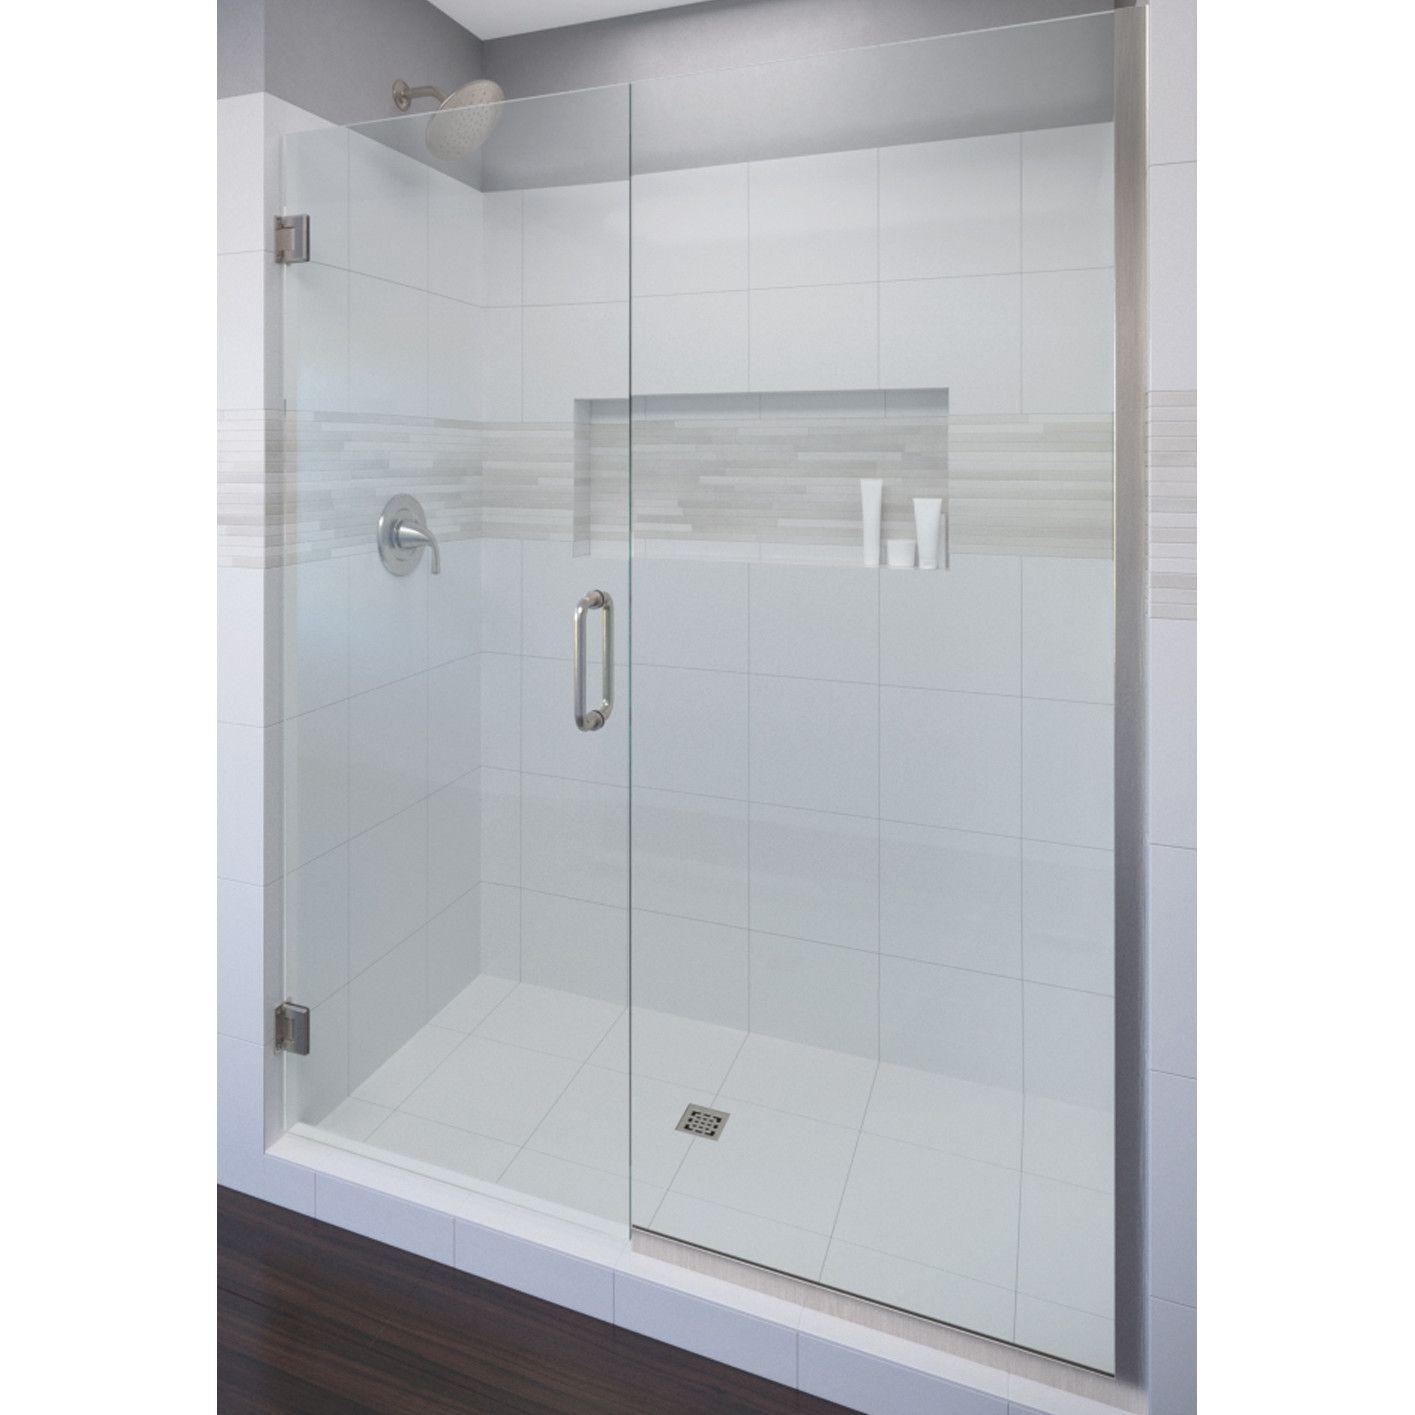 Kohler Daryl Shower Door Spares Designing Pinterest Shower